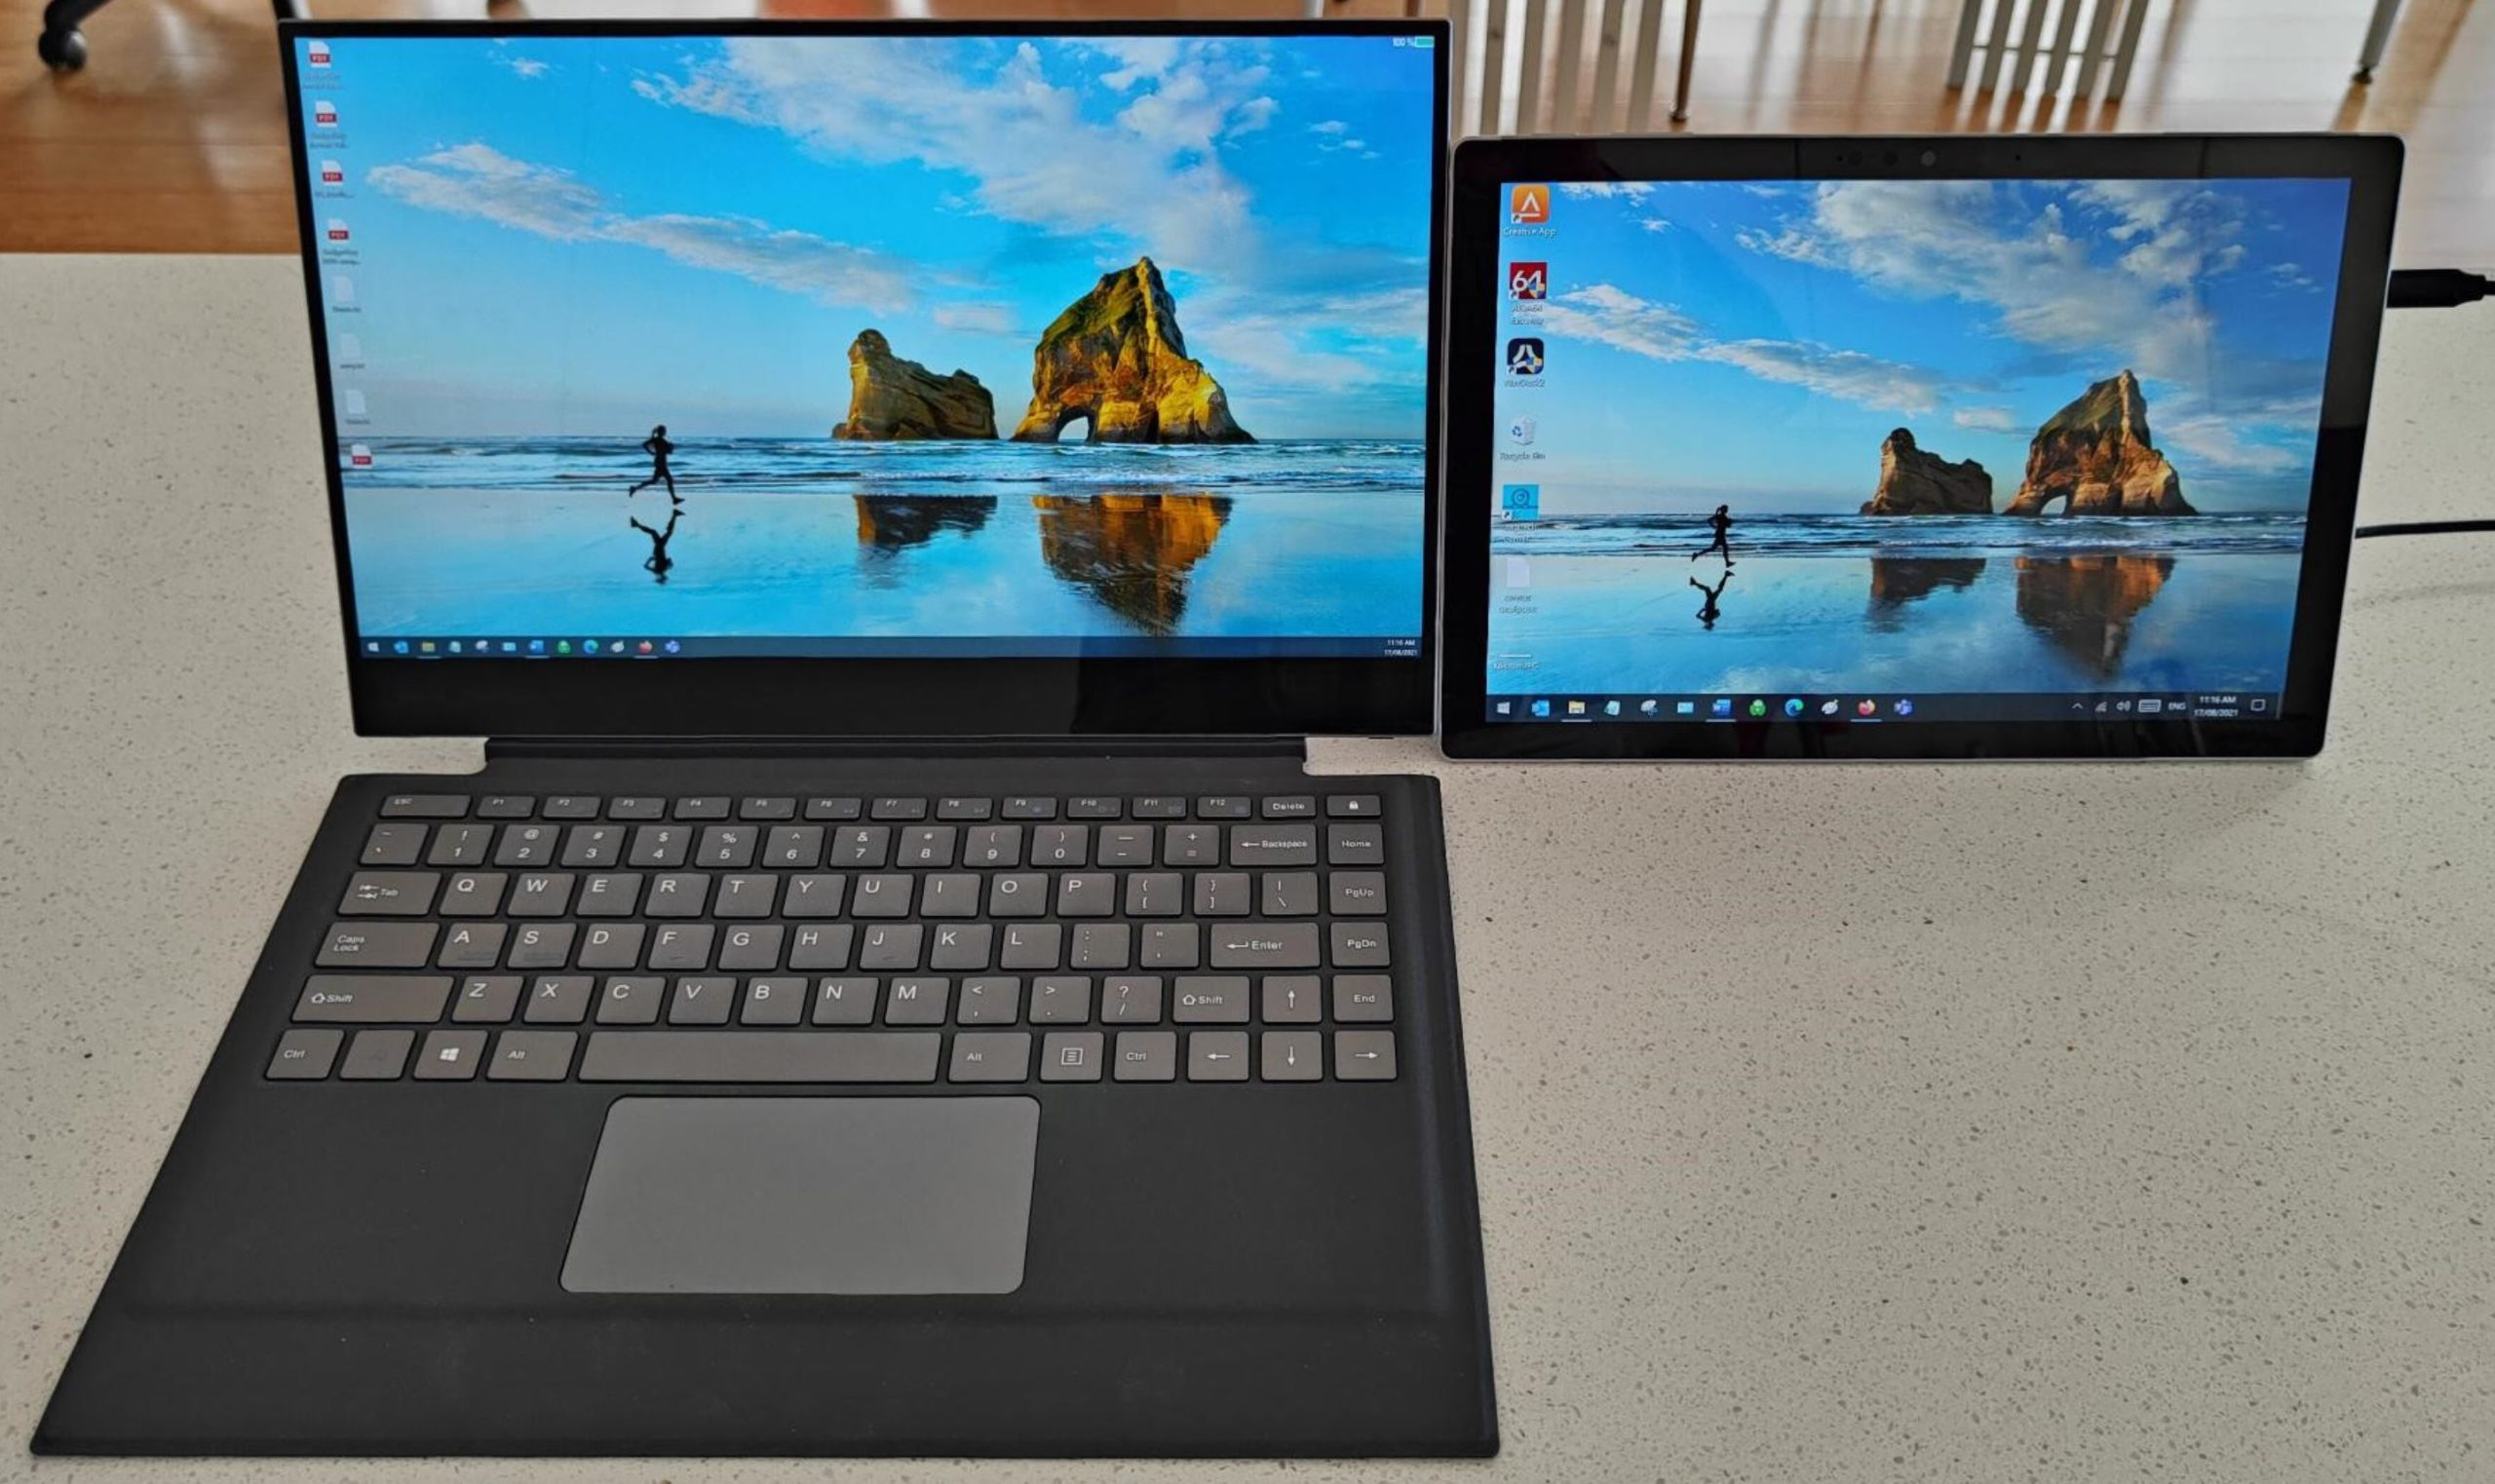 X Pro vs Surface Pro 7